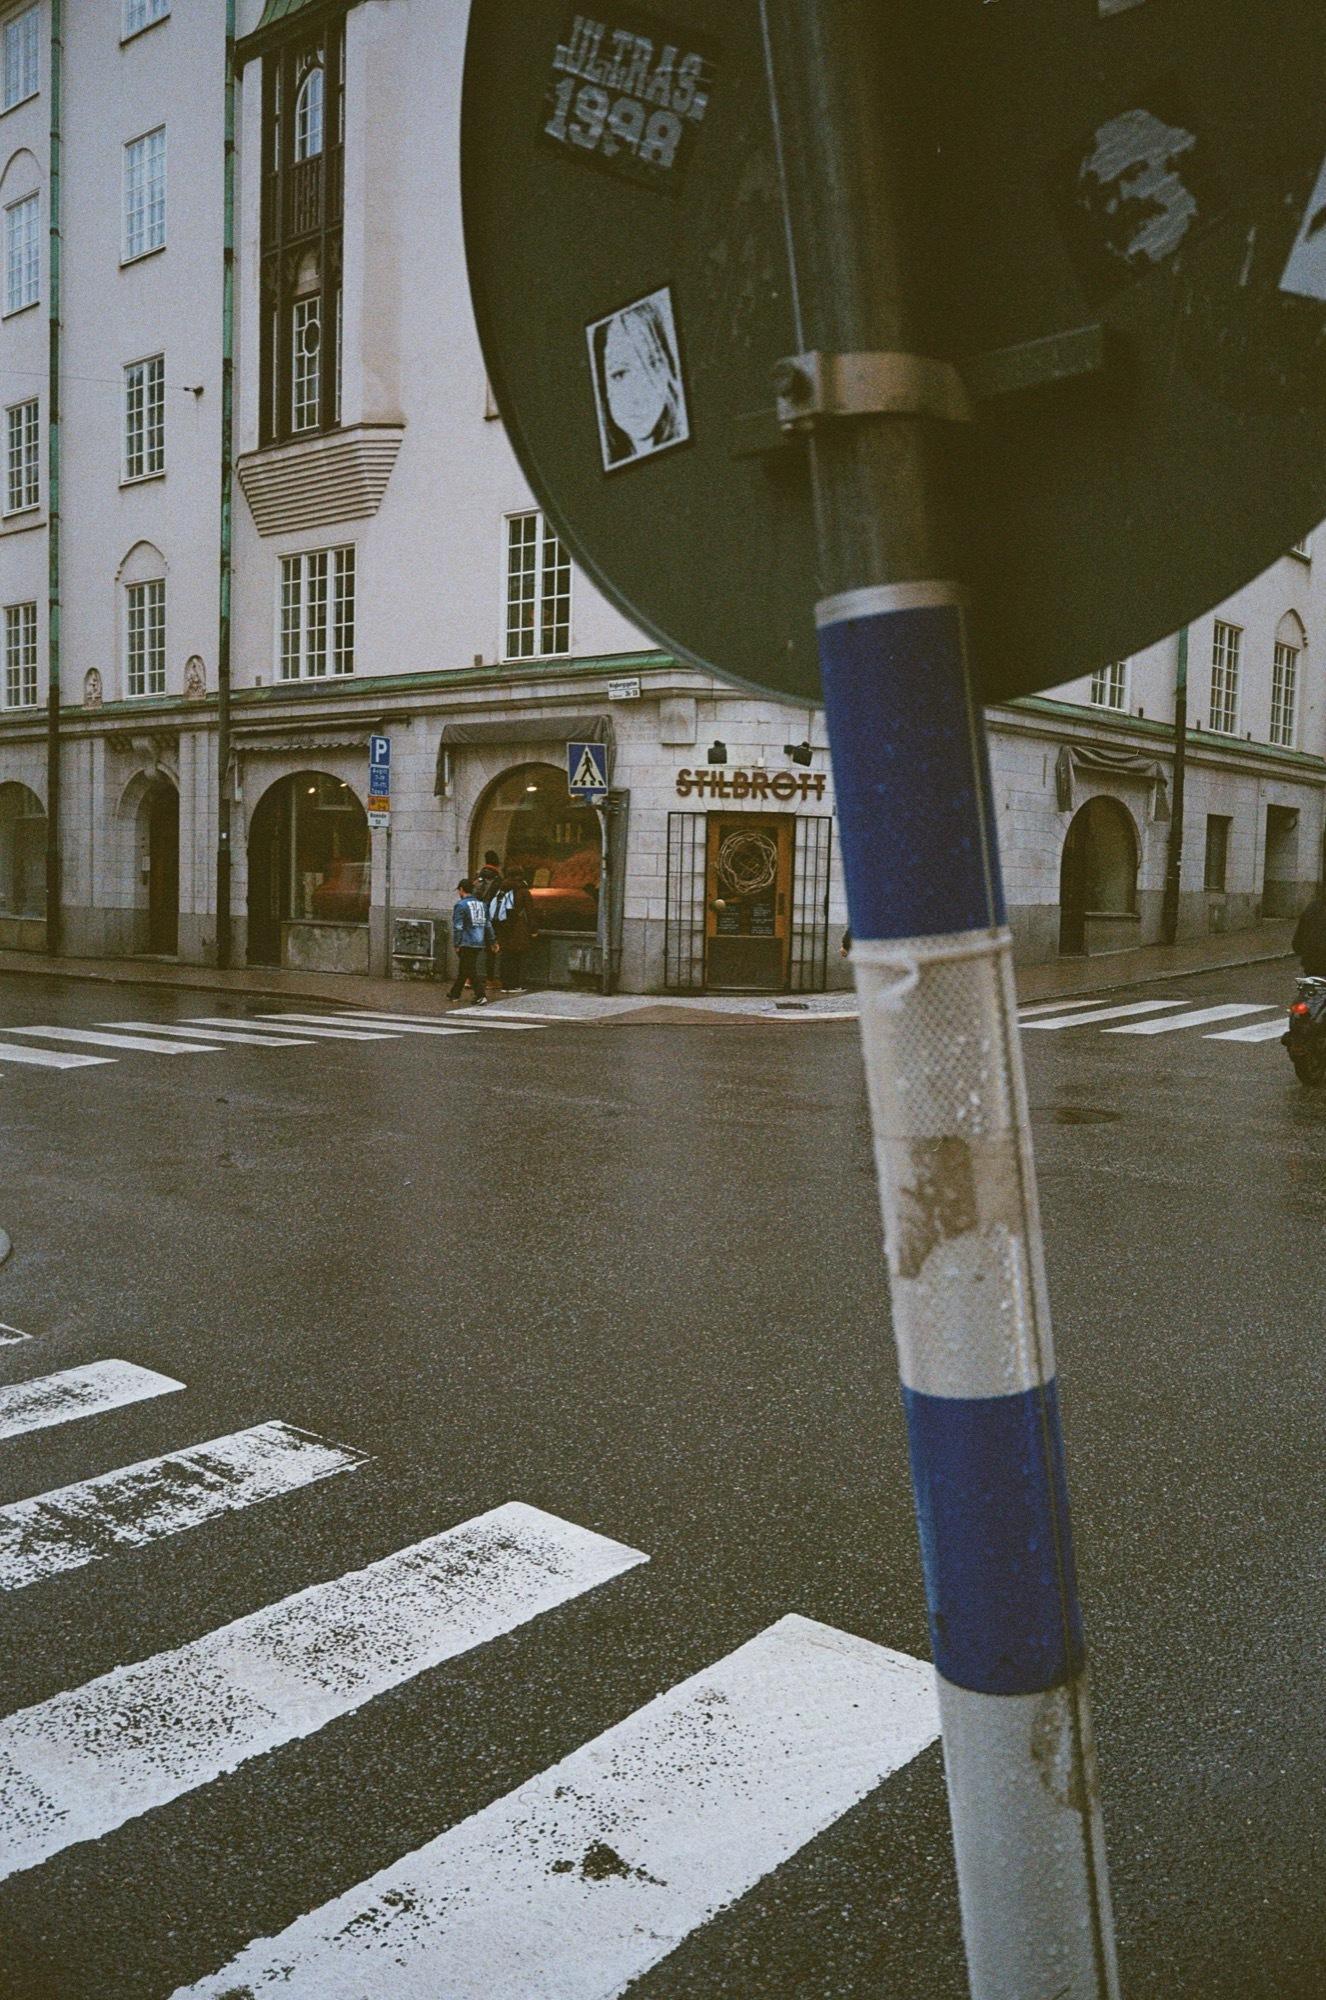 cameraville_leica_mda_stockholm_avenon_28mm_kodak_gold_400_28.jpg